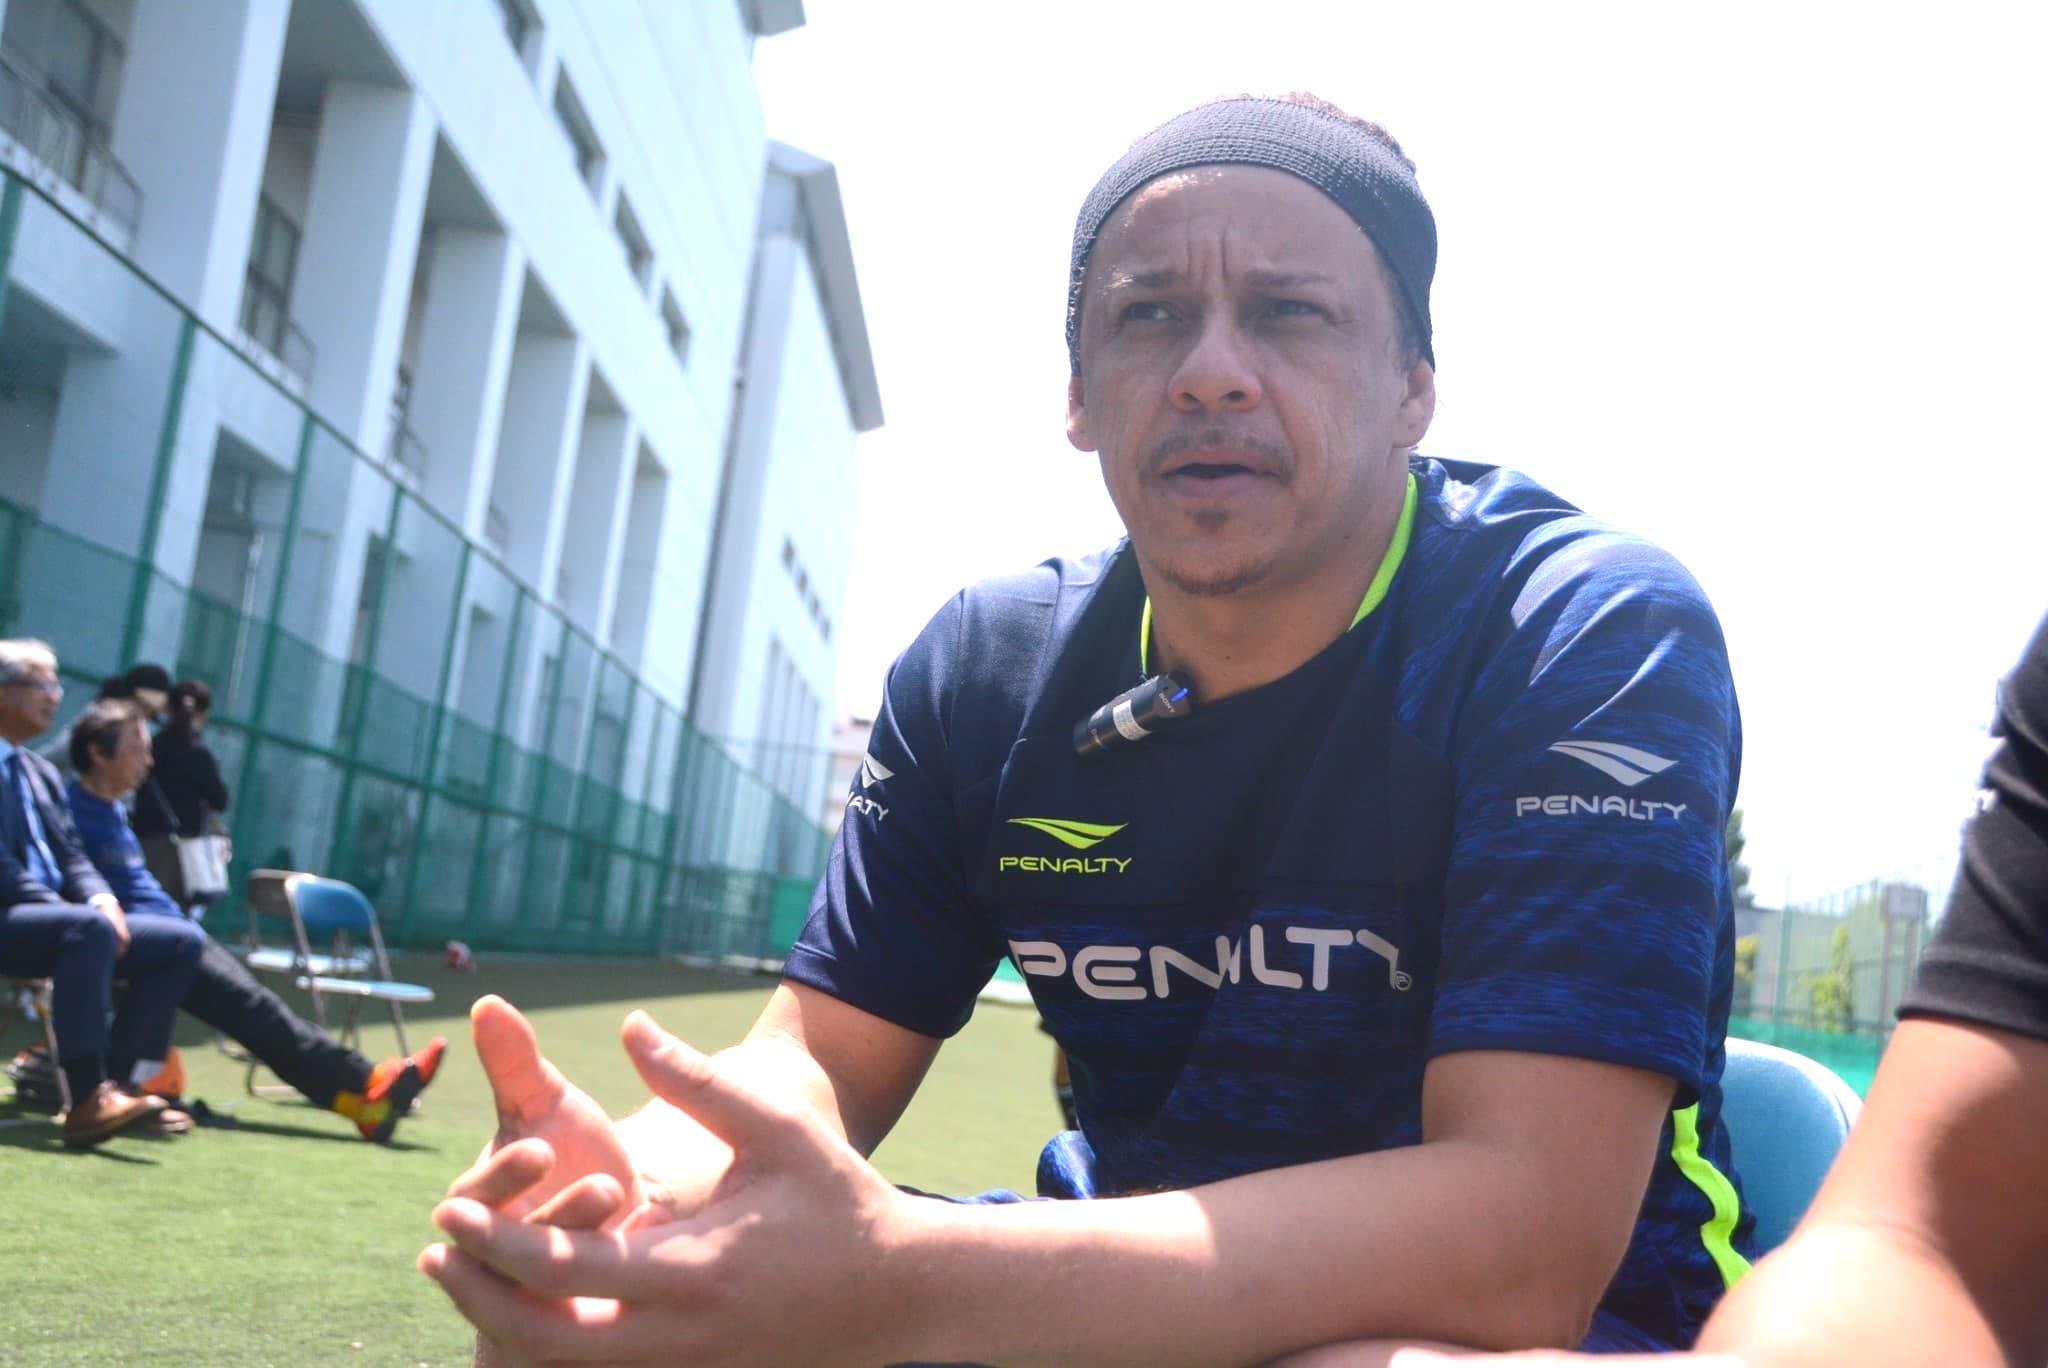 元ブラジルサッカー代表、フランサが日本サッカーに対して思うこと 画像